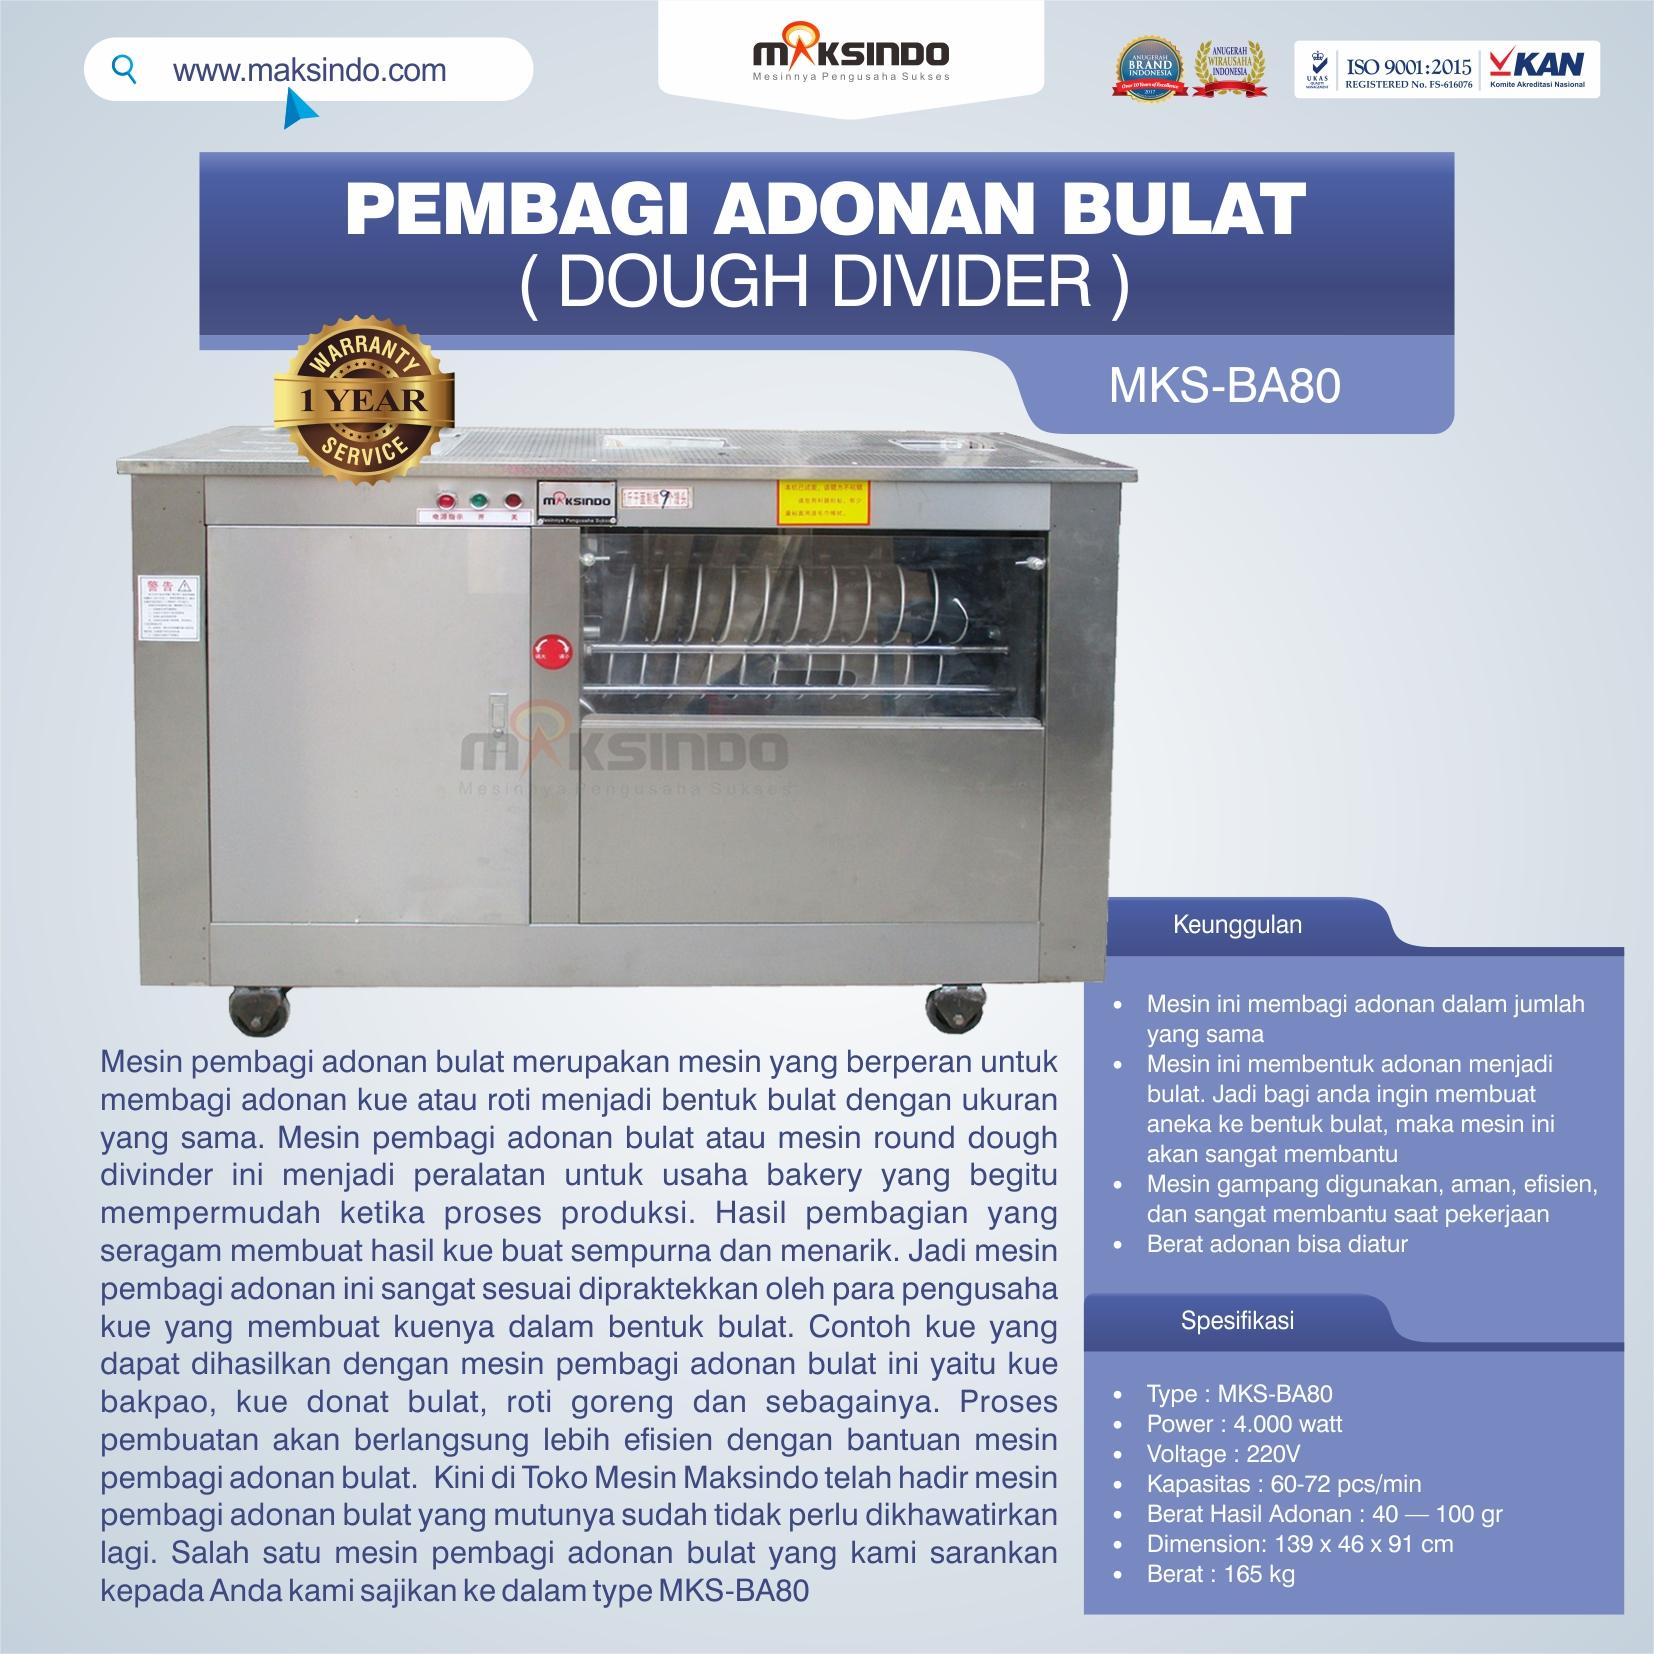 Jual Pembagi Adonan Bulat (Dough Divider) MKS-BA80 di Tangerang